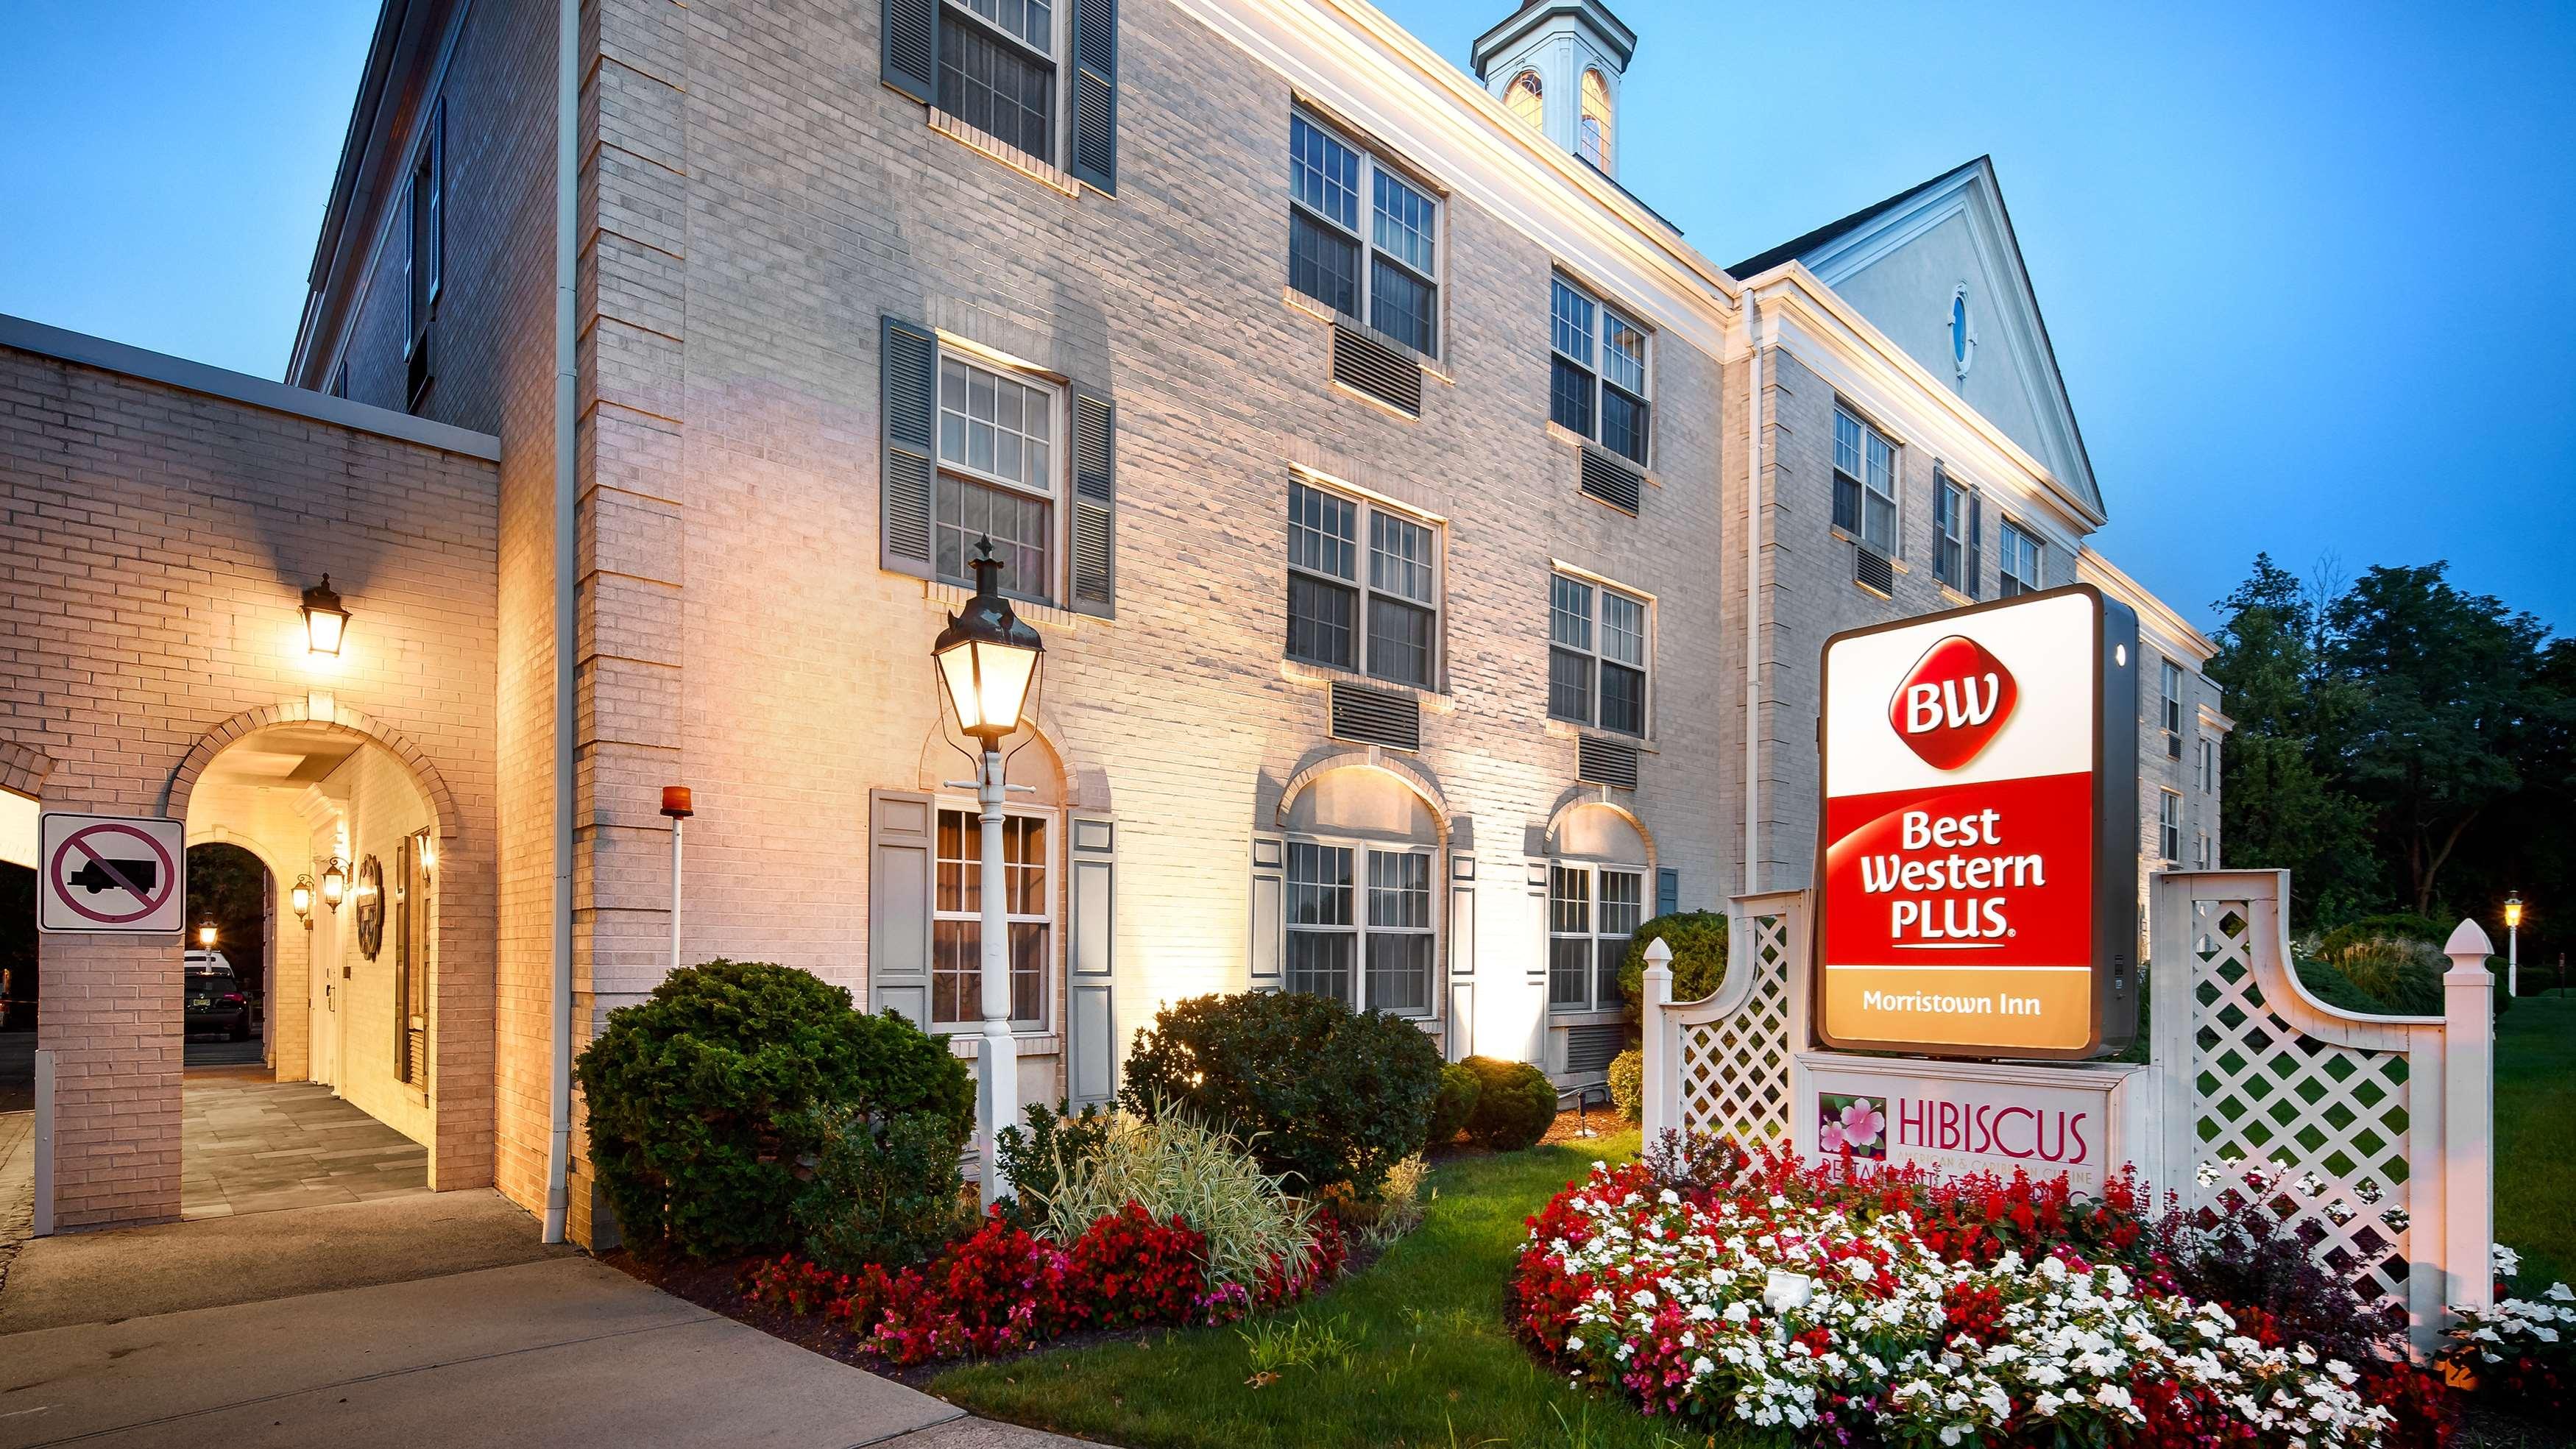 Best Western Plus Morristown Inn image 0